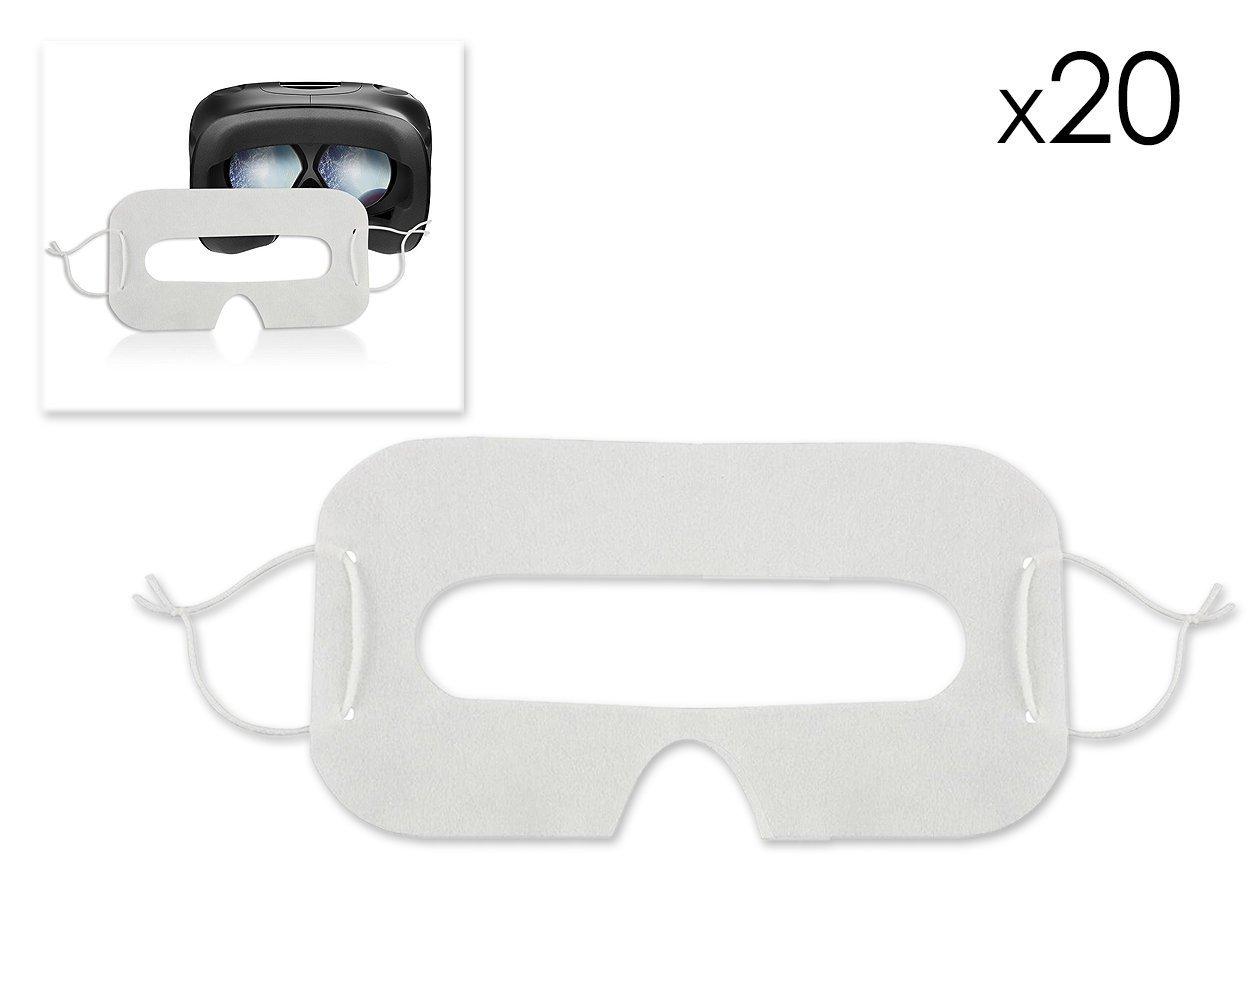 20pcs jetable Masque pour Les Yeux d'hygiène œil Face Cover éviter Les infections œil Masque pour HTC Vive VR Casque